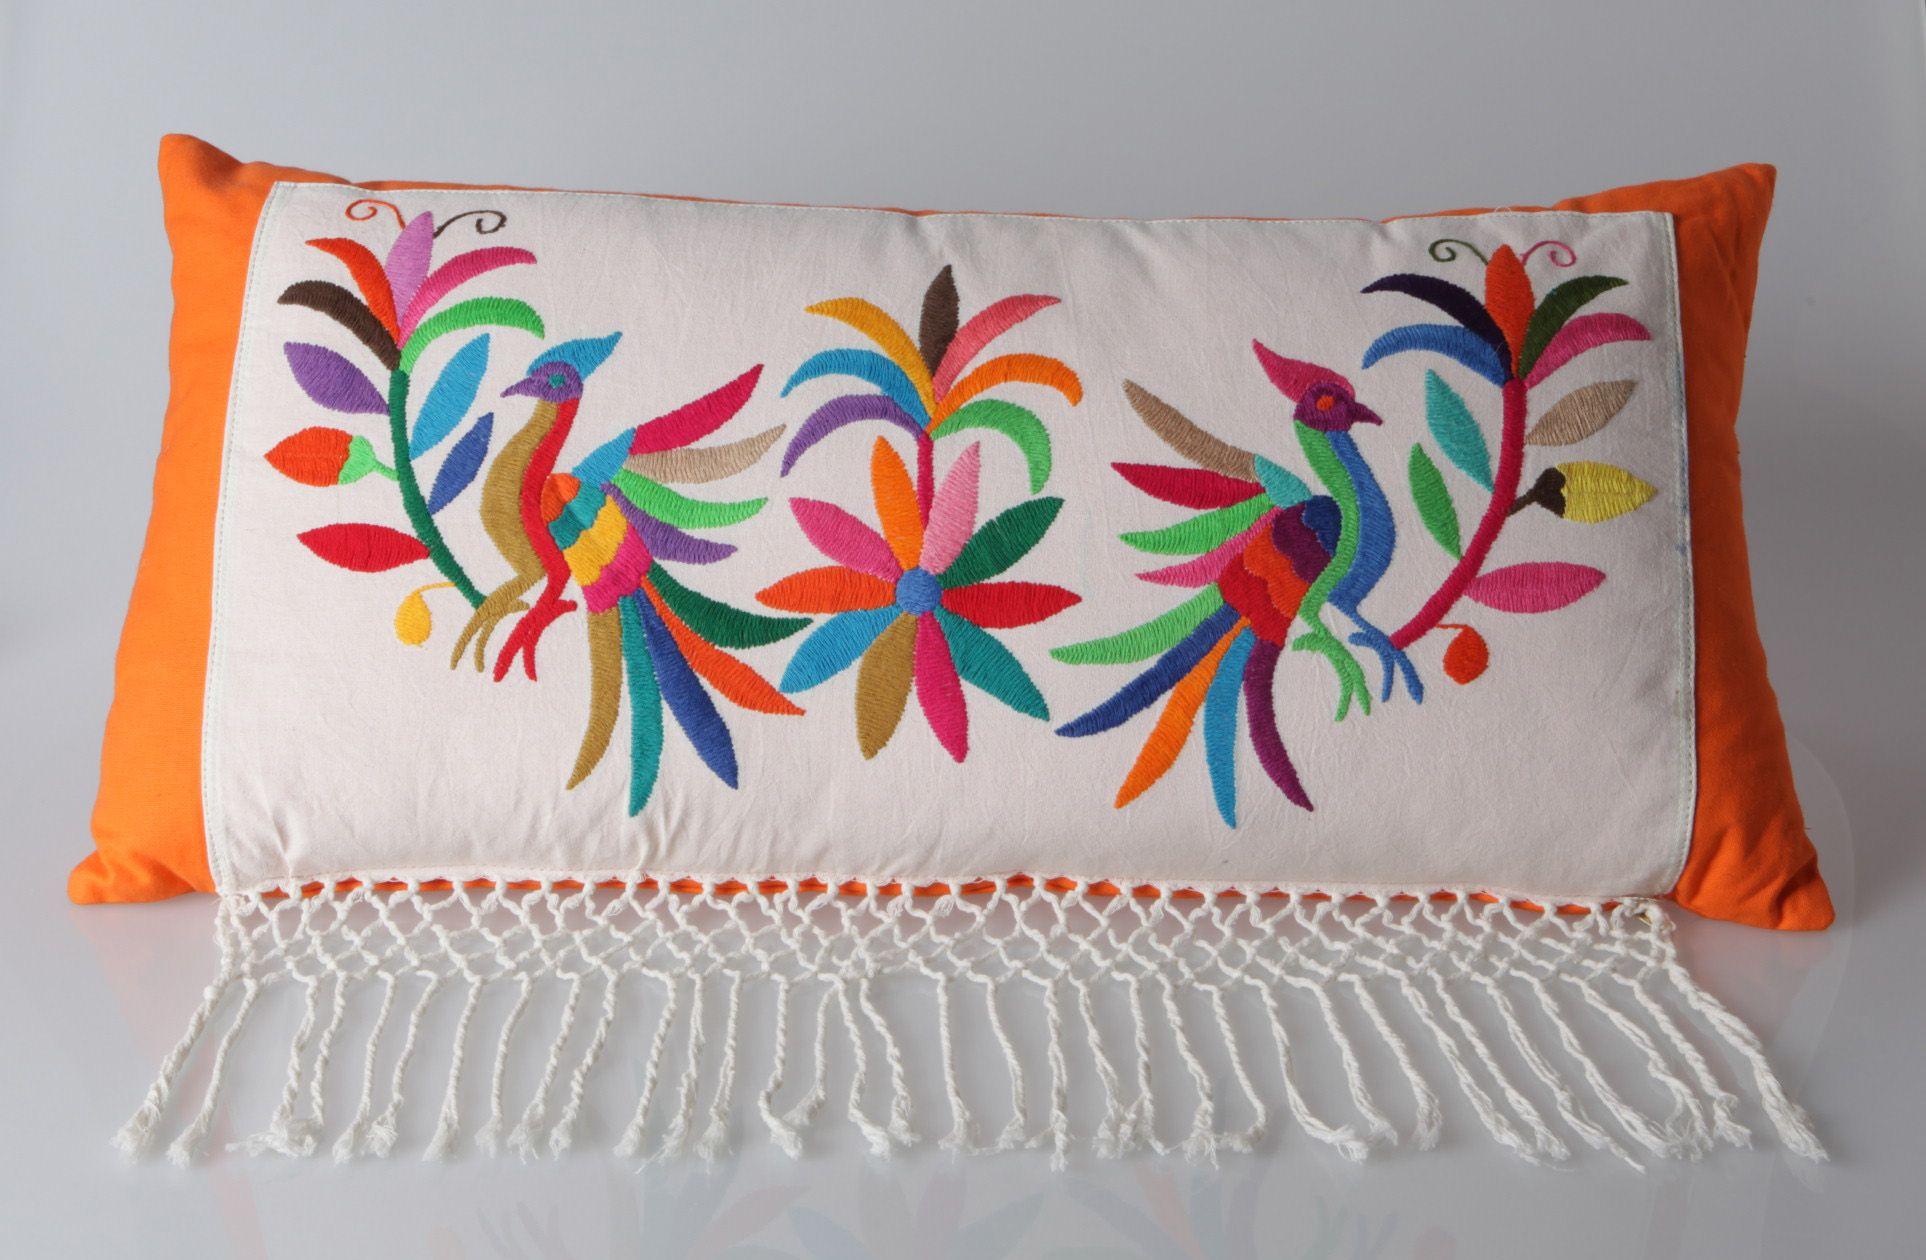 patrones bordado mexicano para imprimir - Buscar con Google ...